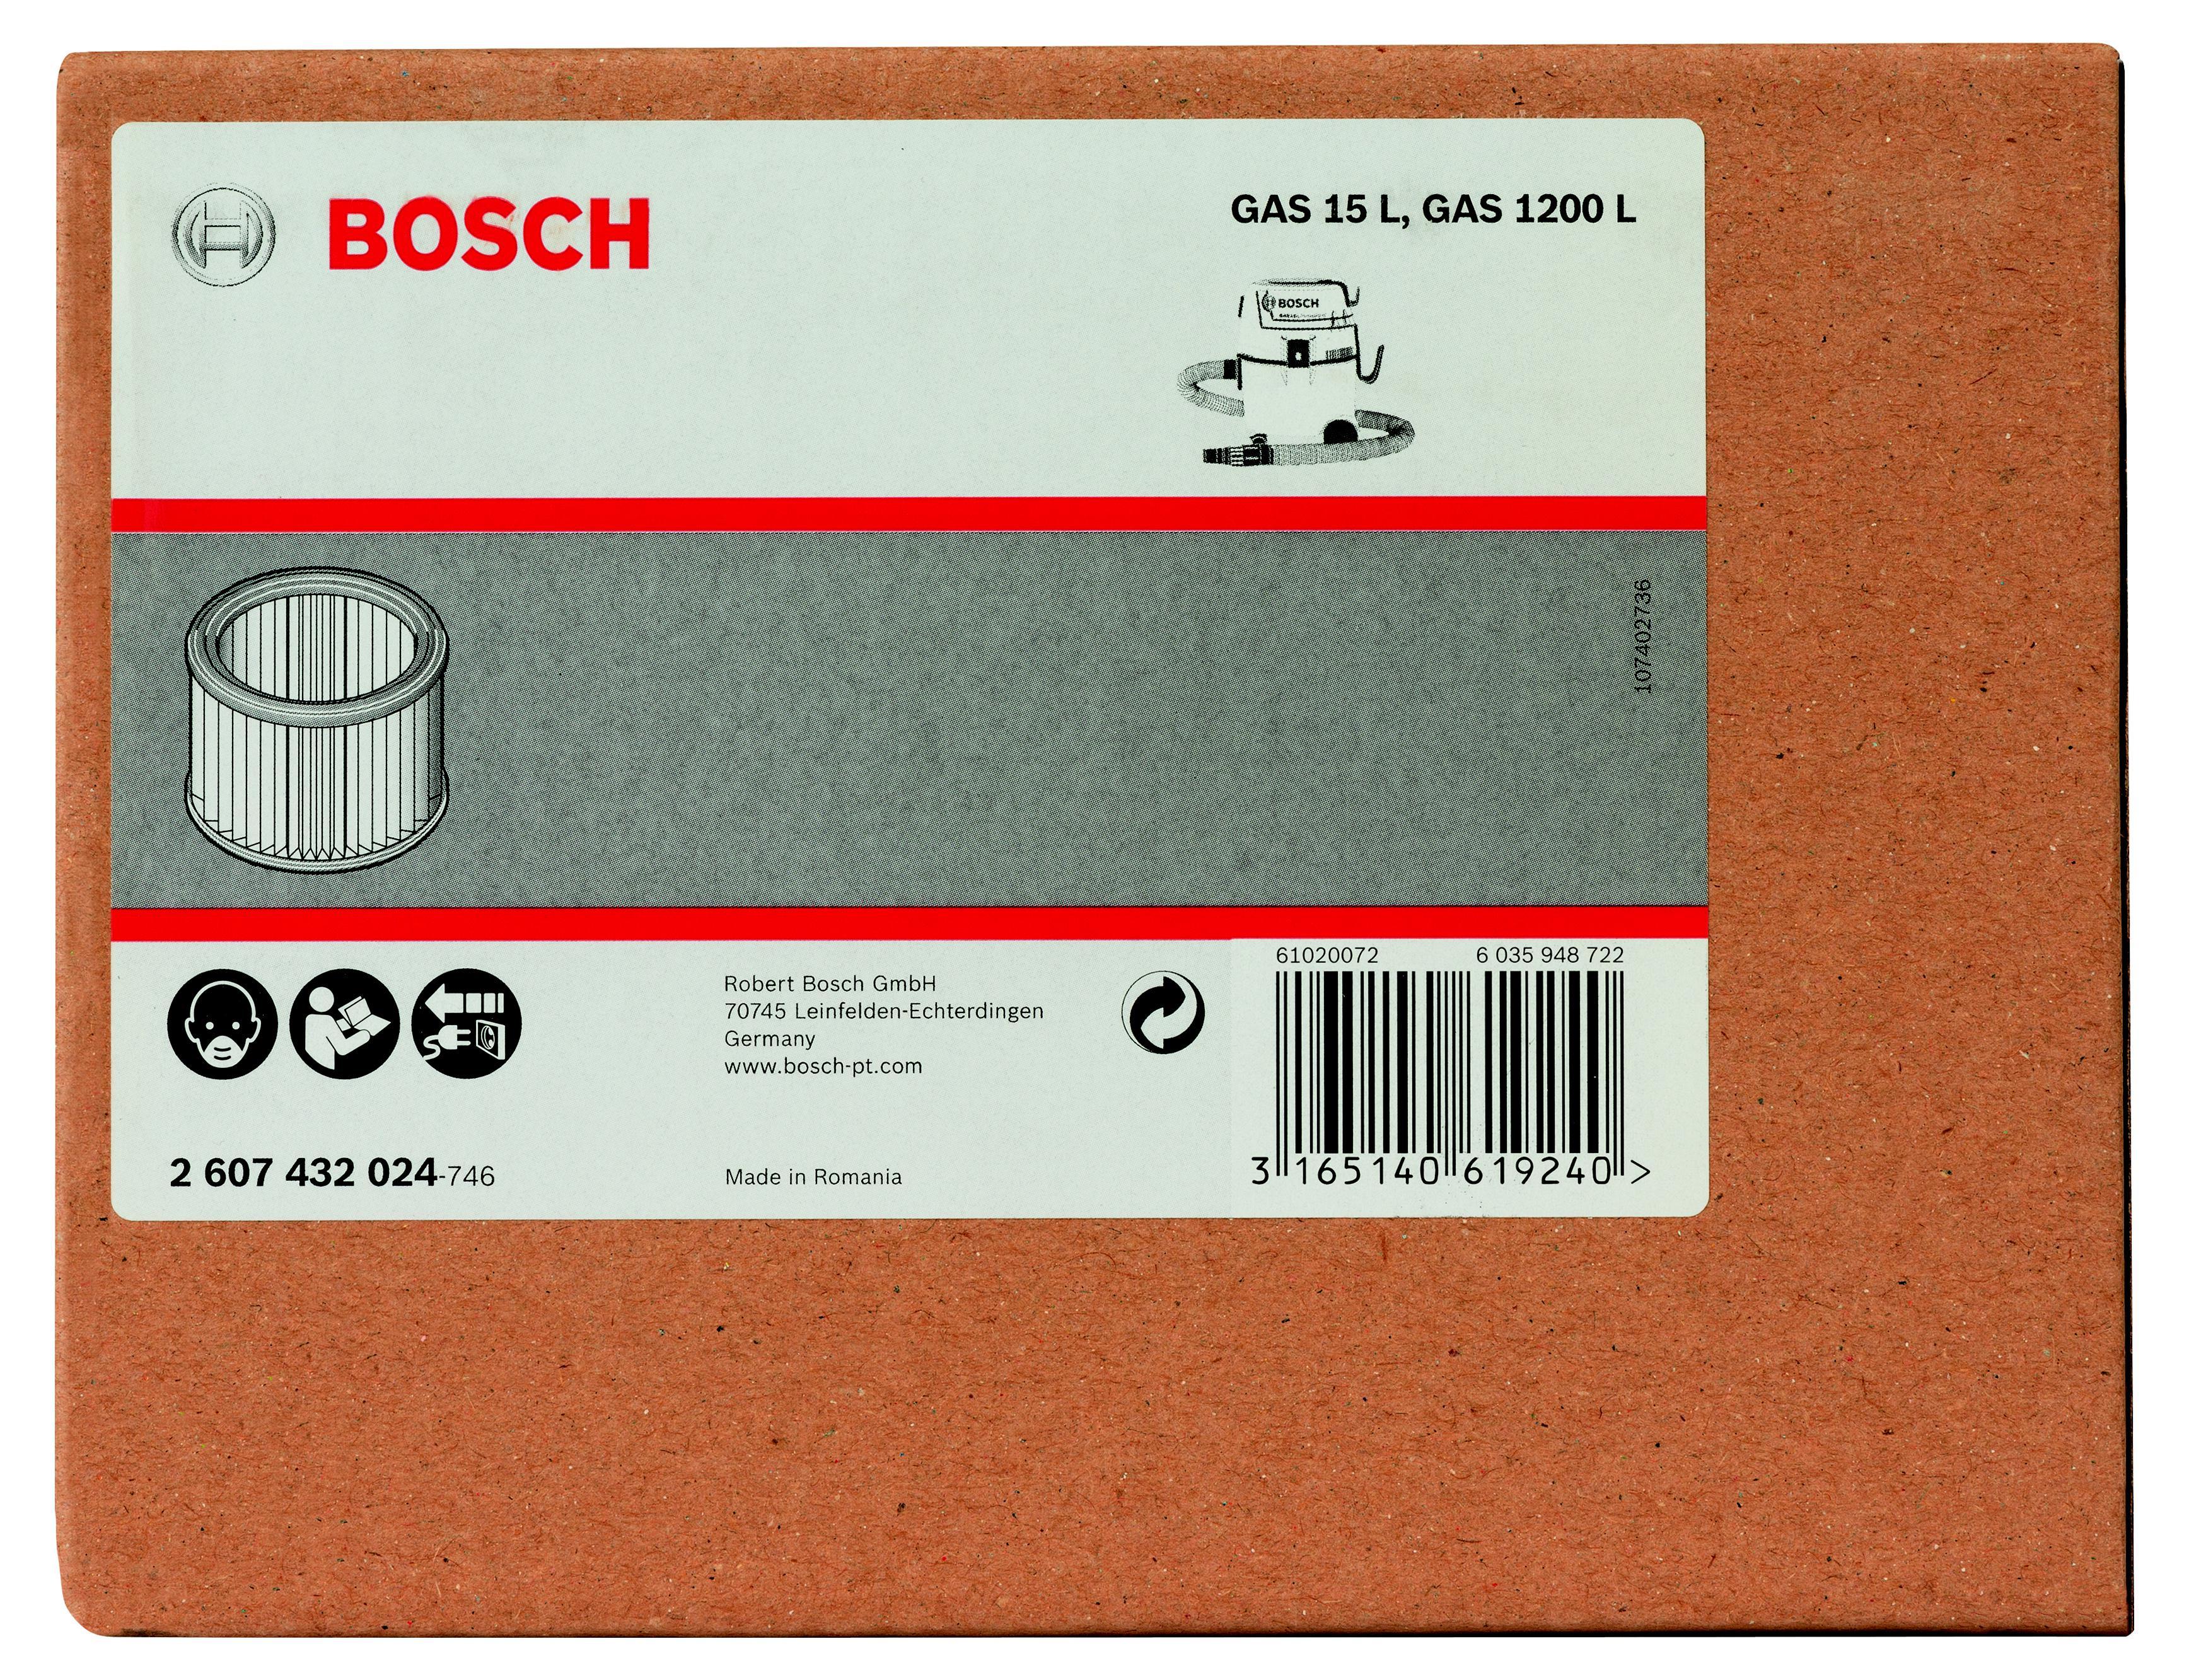 Фильтр Bosch для пылесоса gas 15 l, складчатый (2.607.432.024) фильтр для пылесоса bosch bbz10tfp